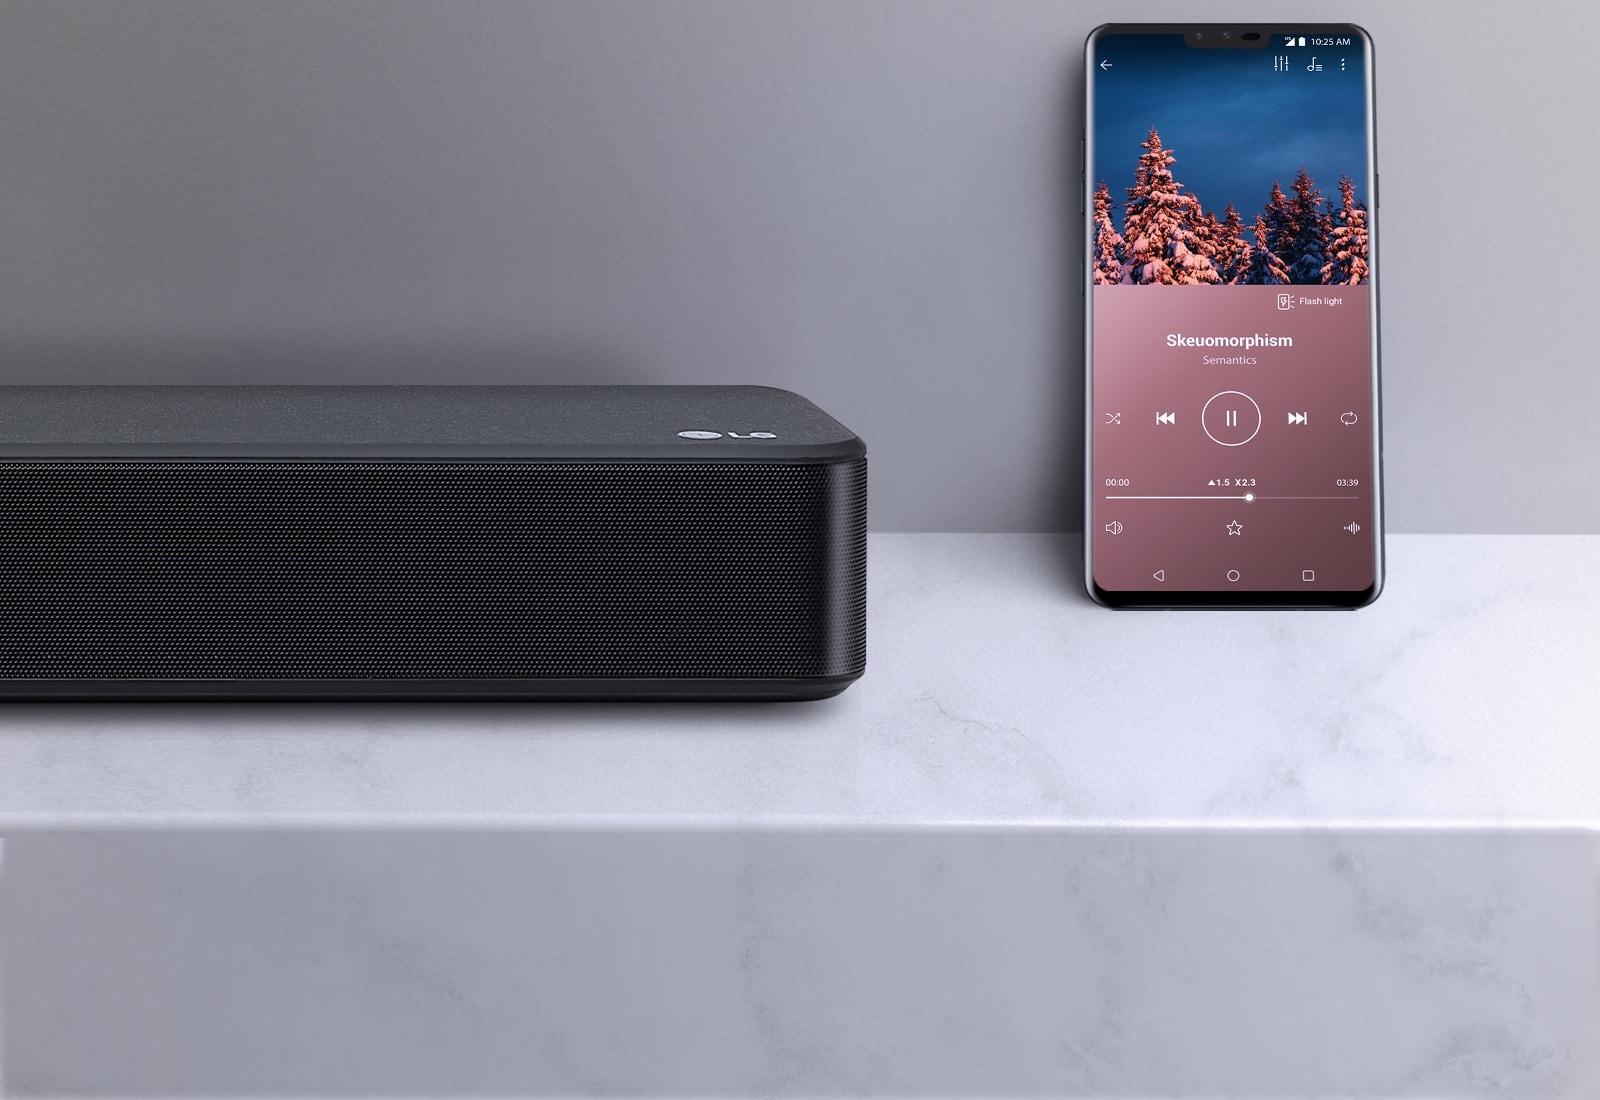 Транслируйте что угодно через Bluetooth1